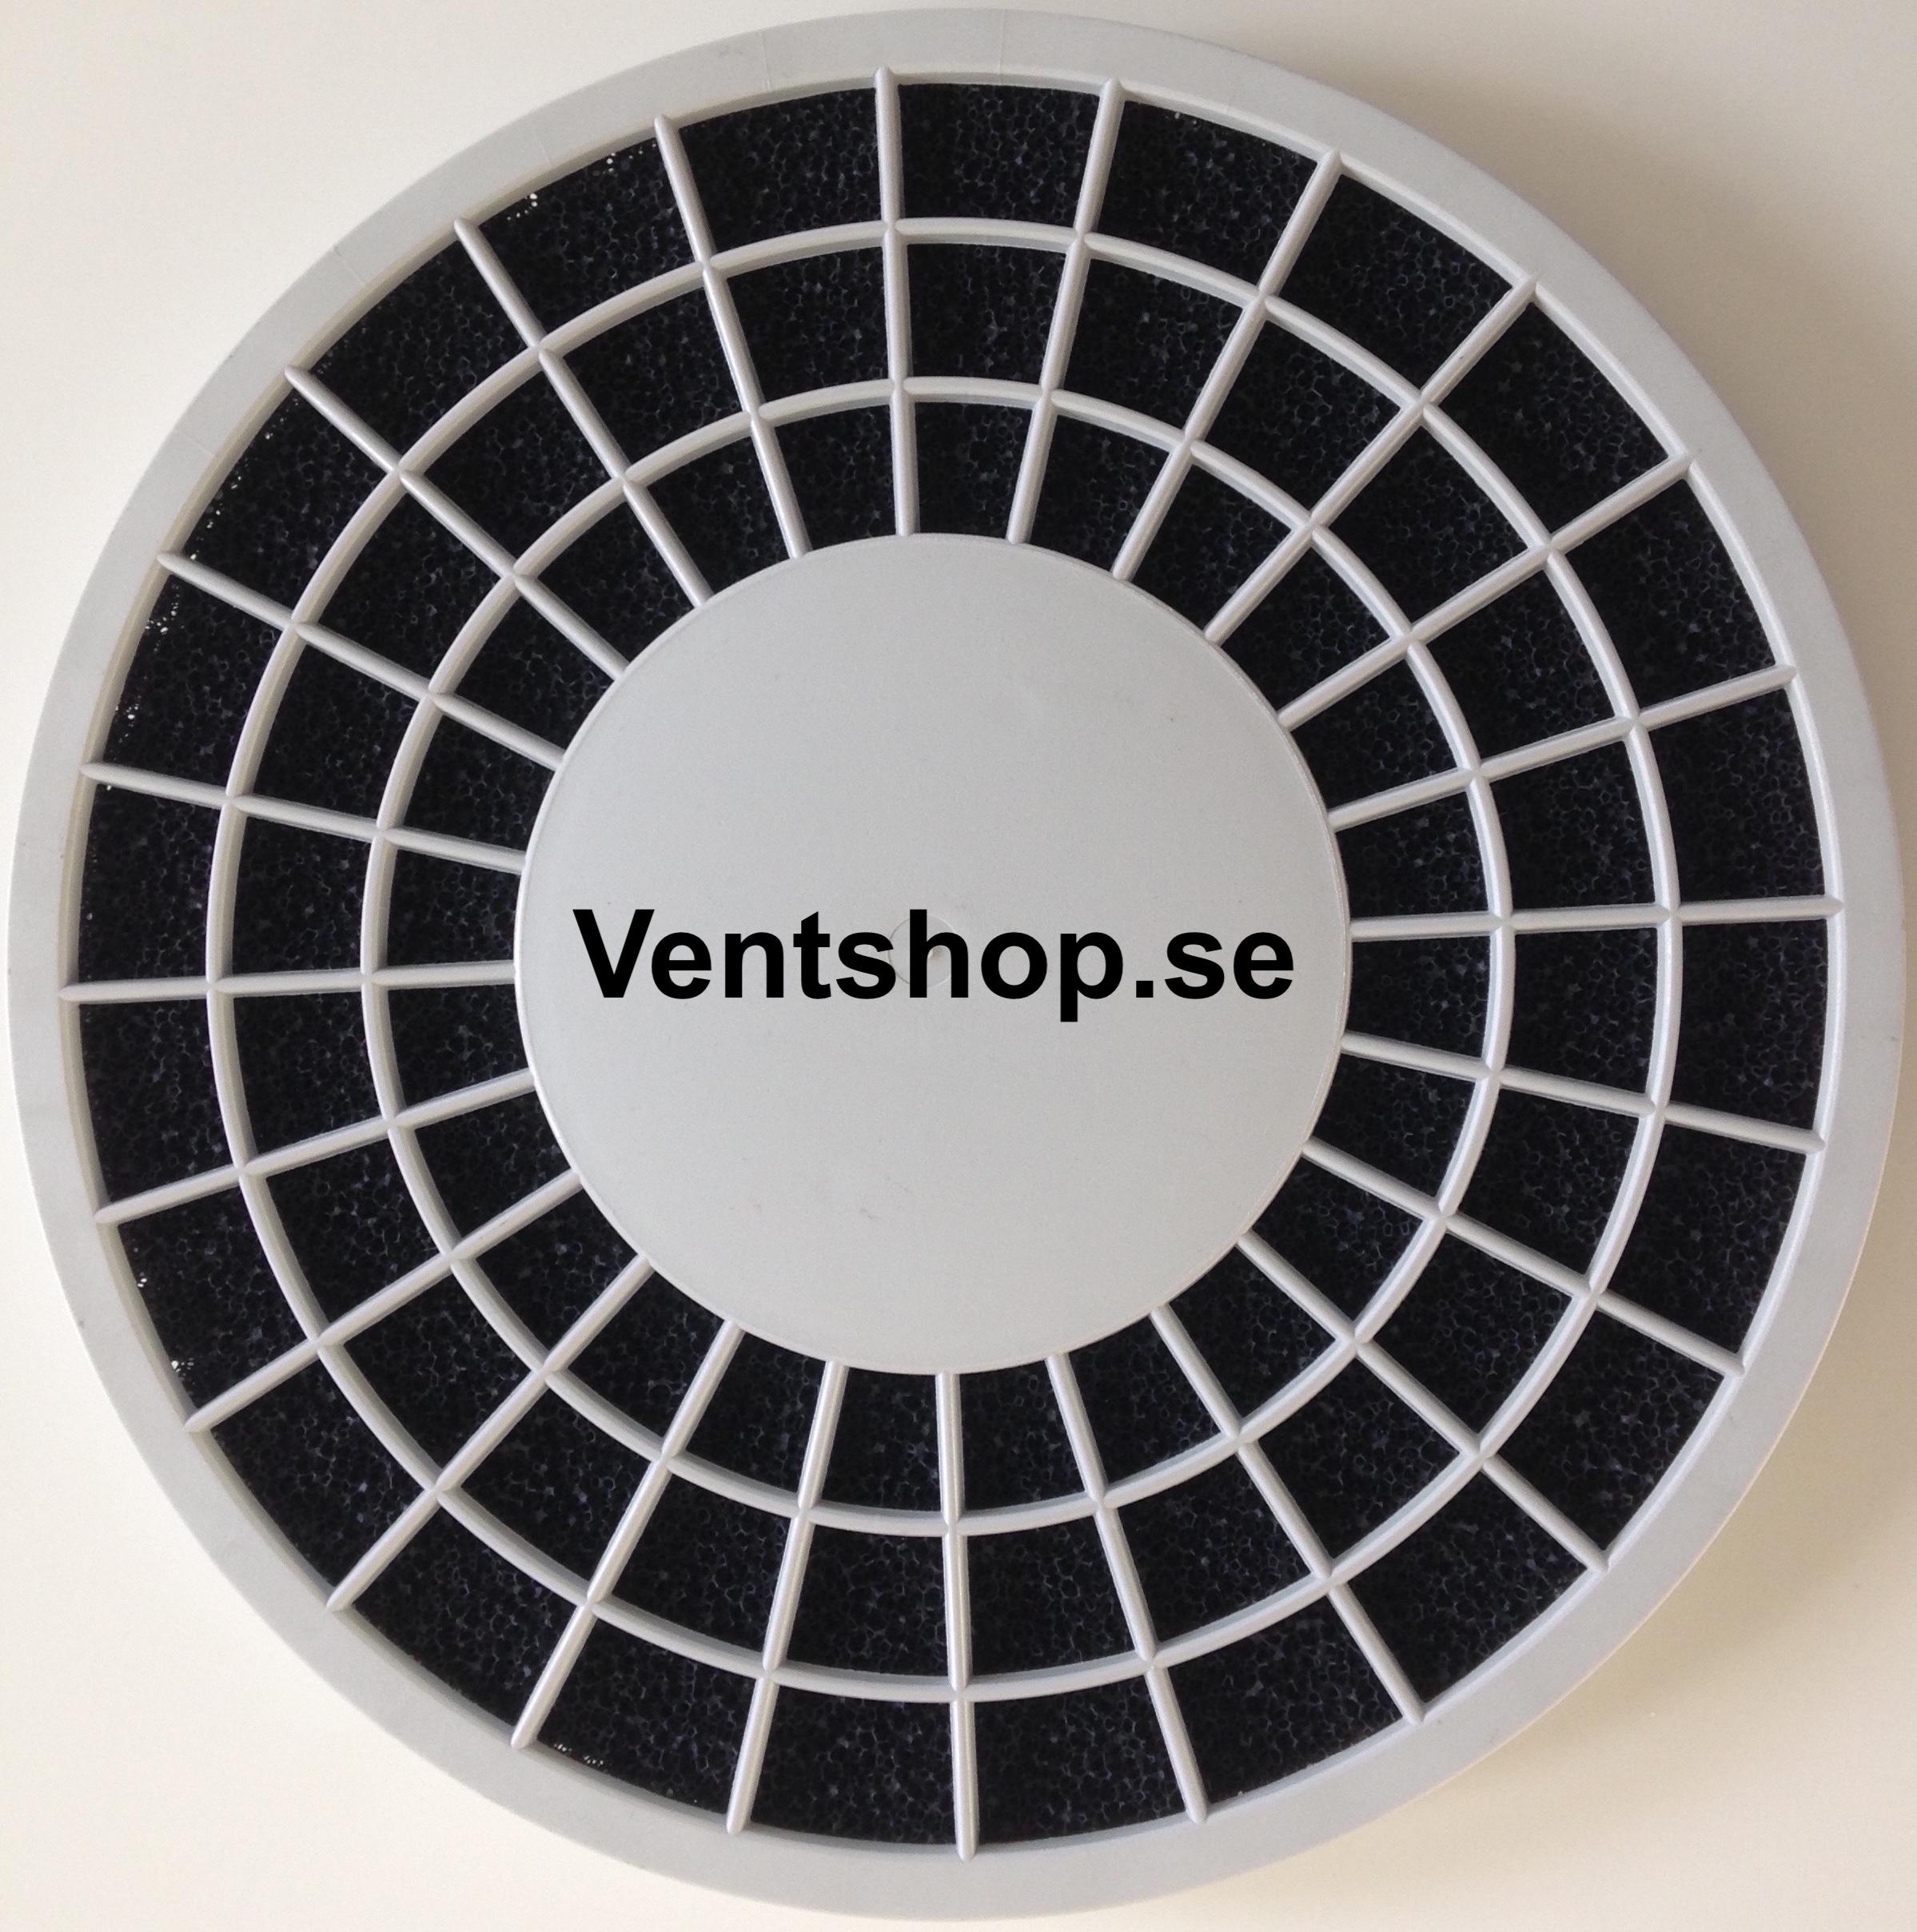 Filtret passar i filterhållare Artnr: 3567. (Tidigare modell av filterhållare var tillverkad av genomskinlig plast)